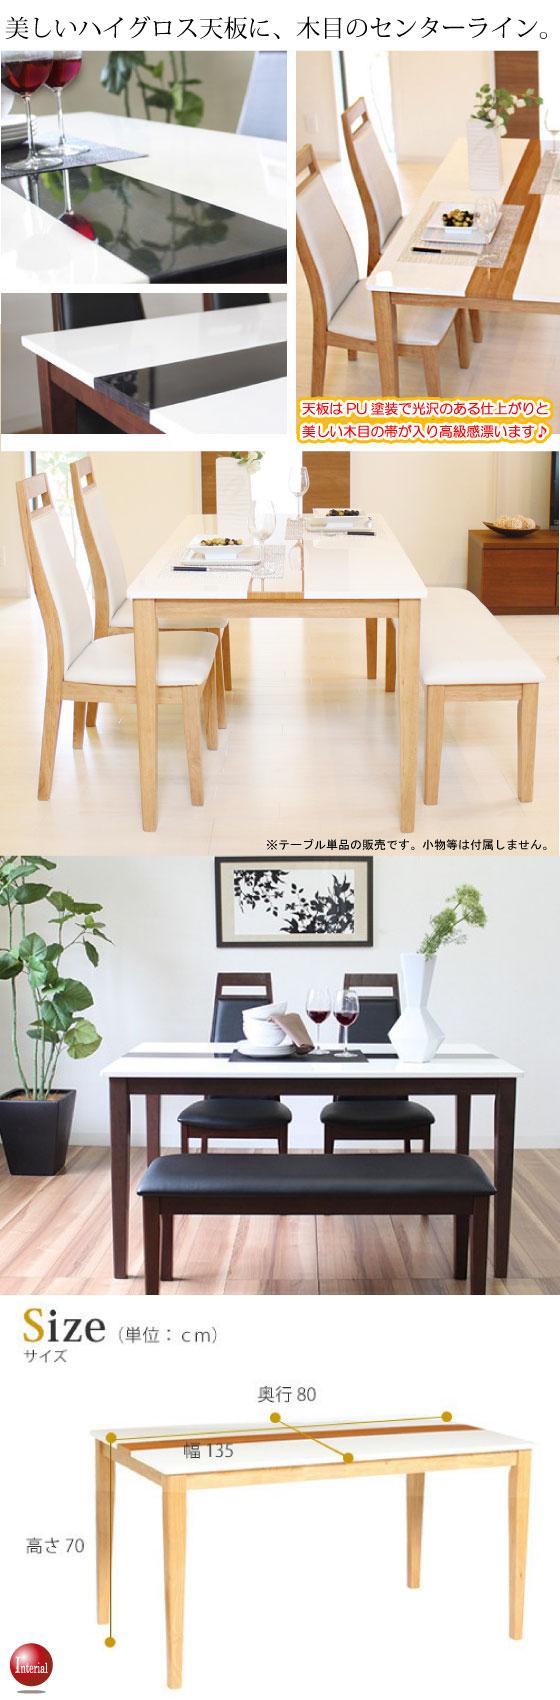 光沢塗装・幅135cmダイニングテーブル(ナチュラル&ホワイト)